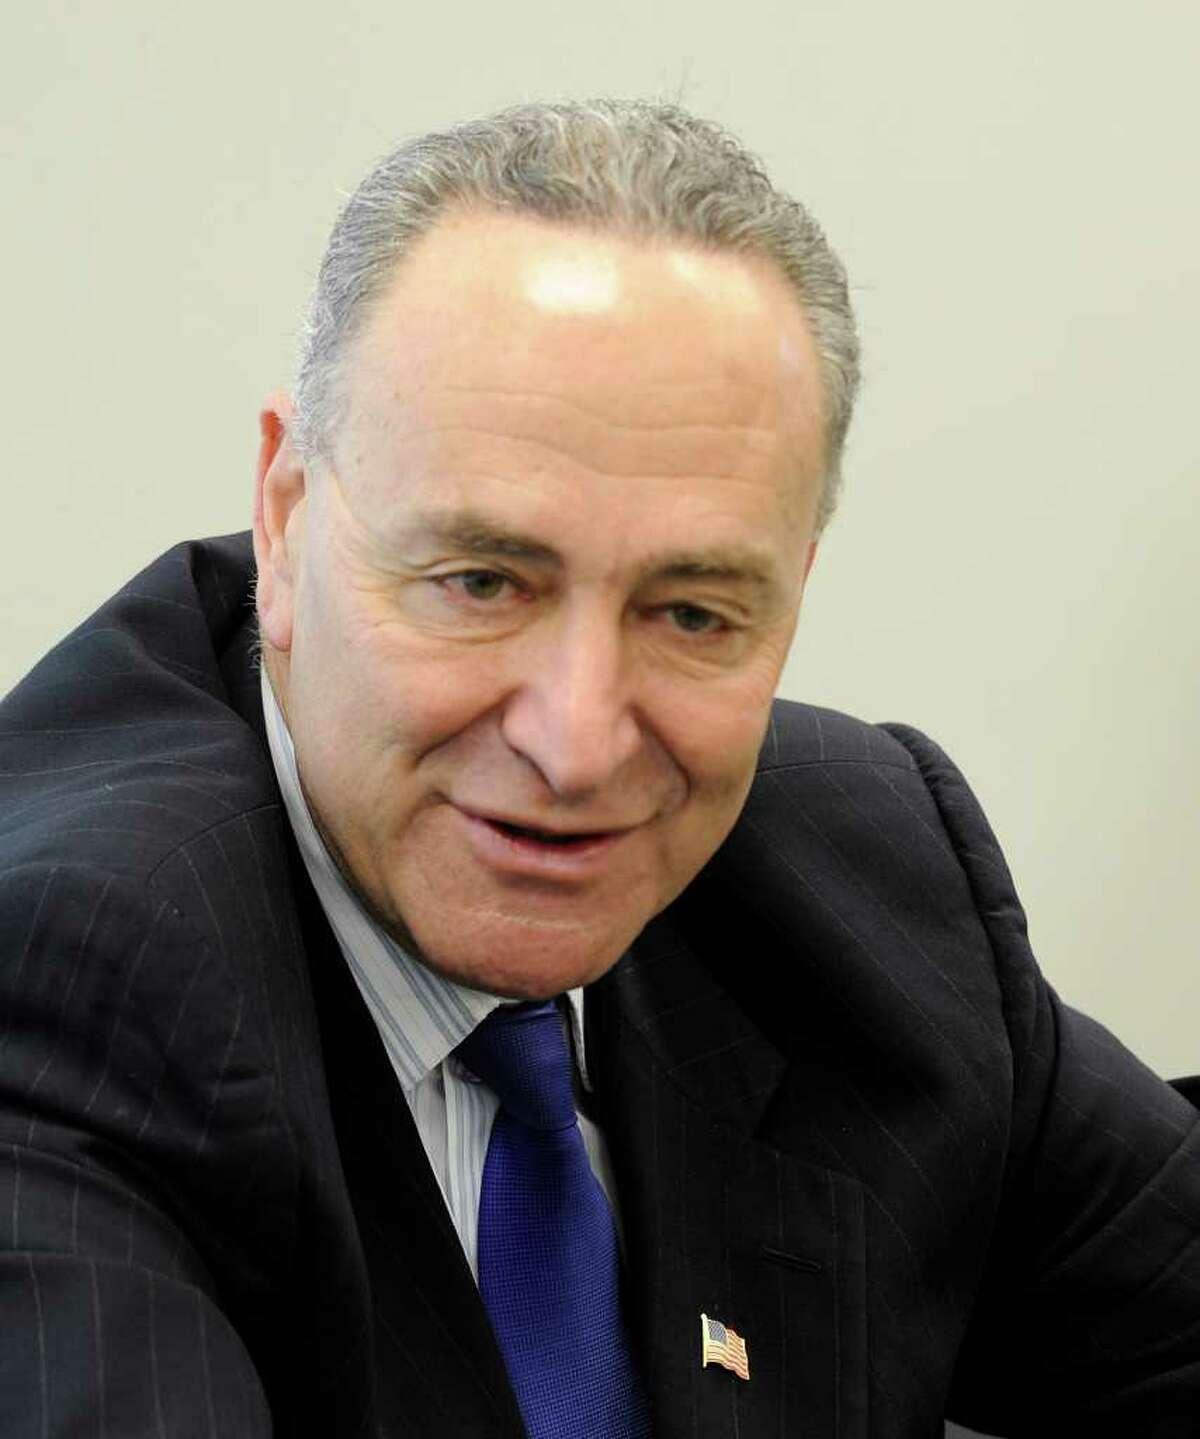 U.S. Sen. Charles Schumer, D-N.Y. (Skip Dickstein / Times Union)